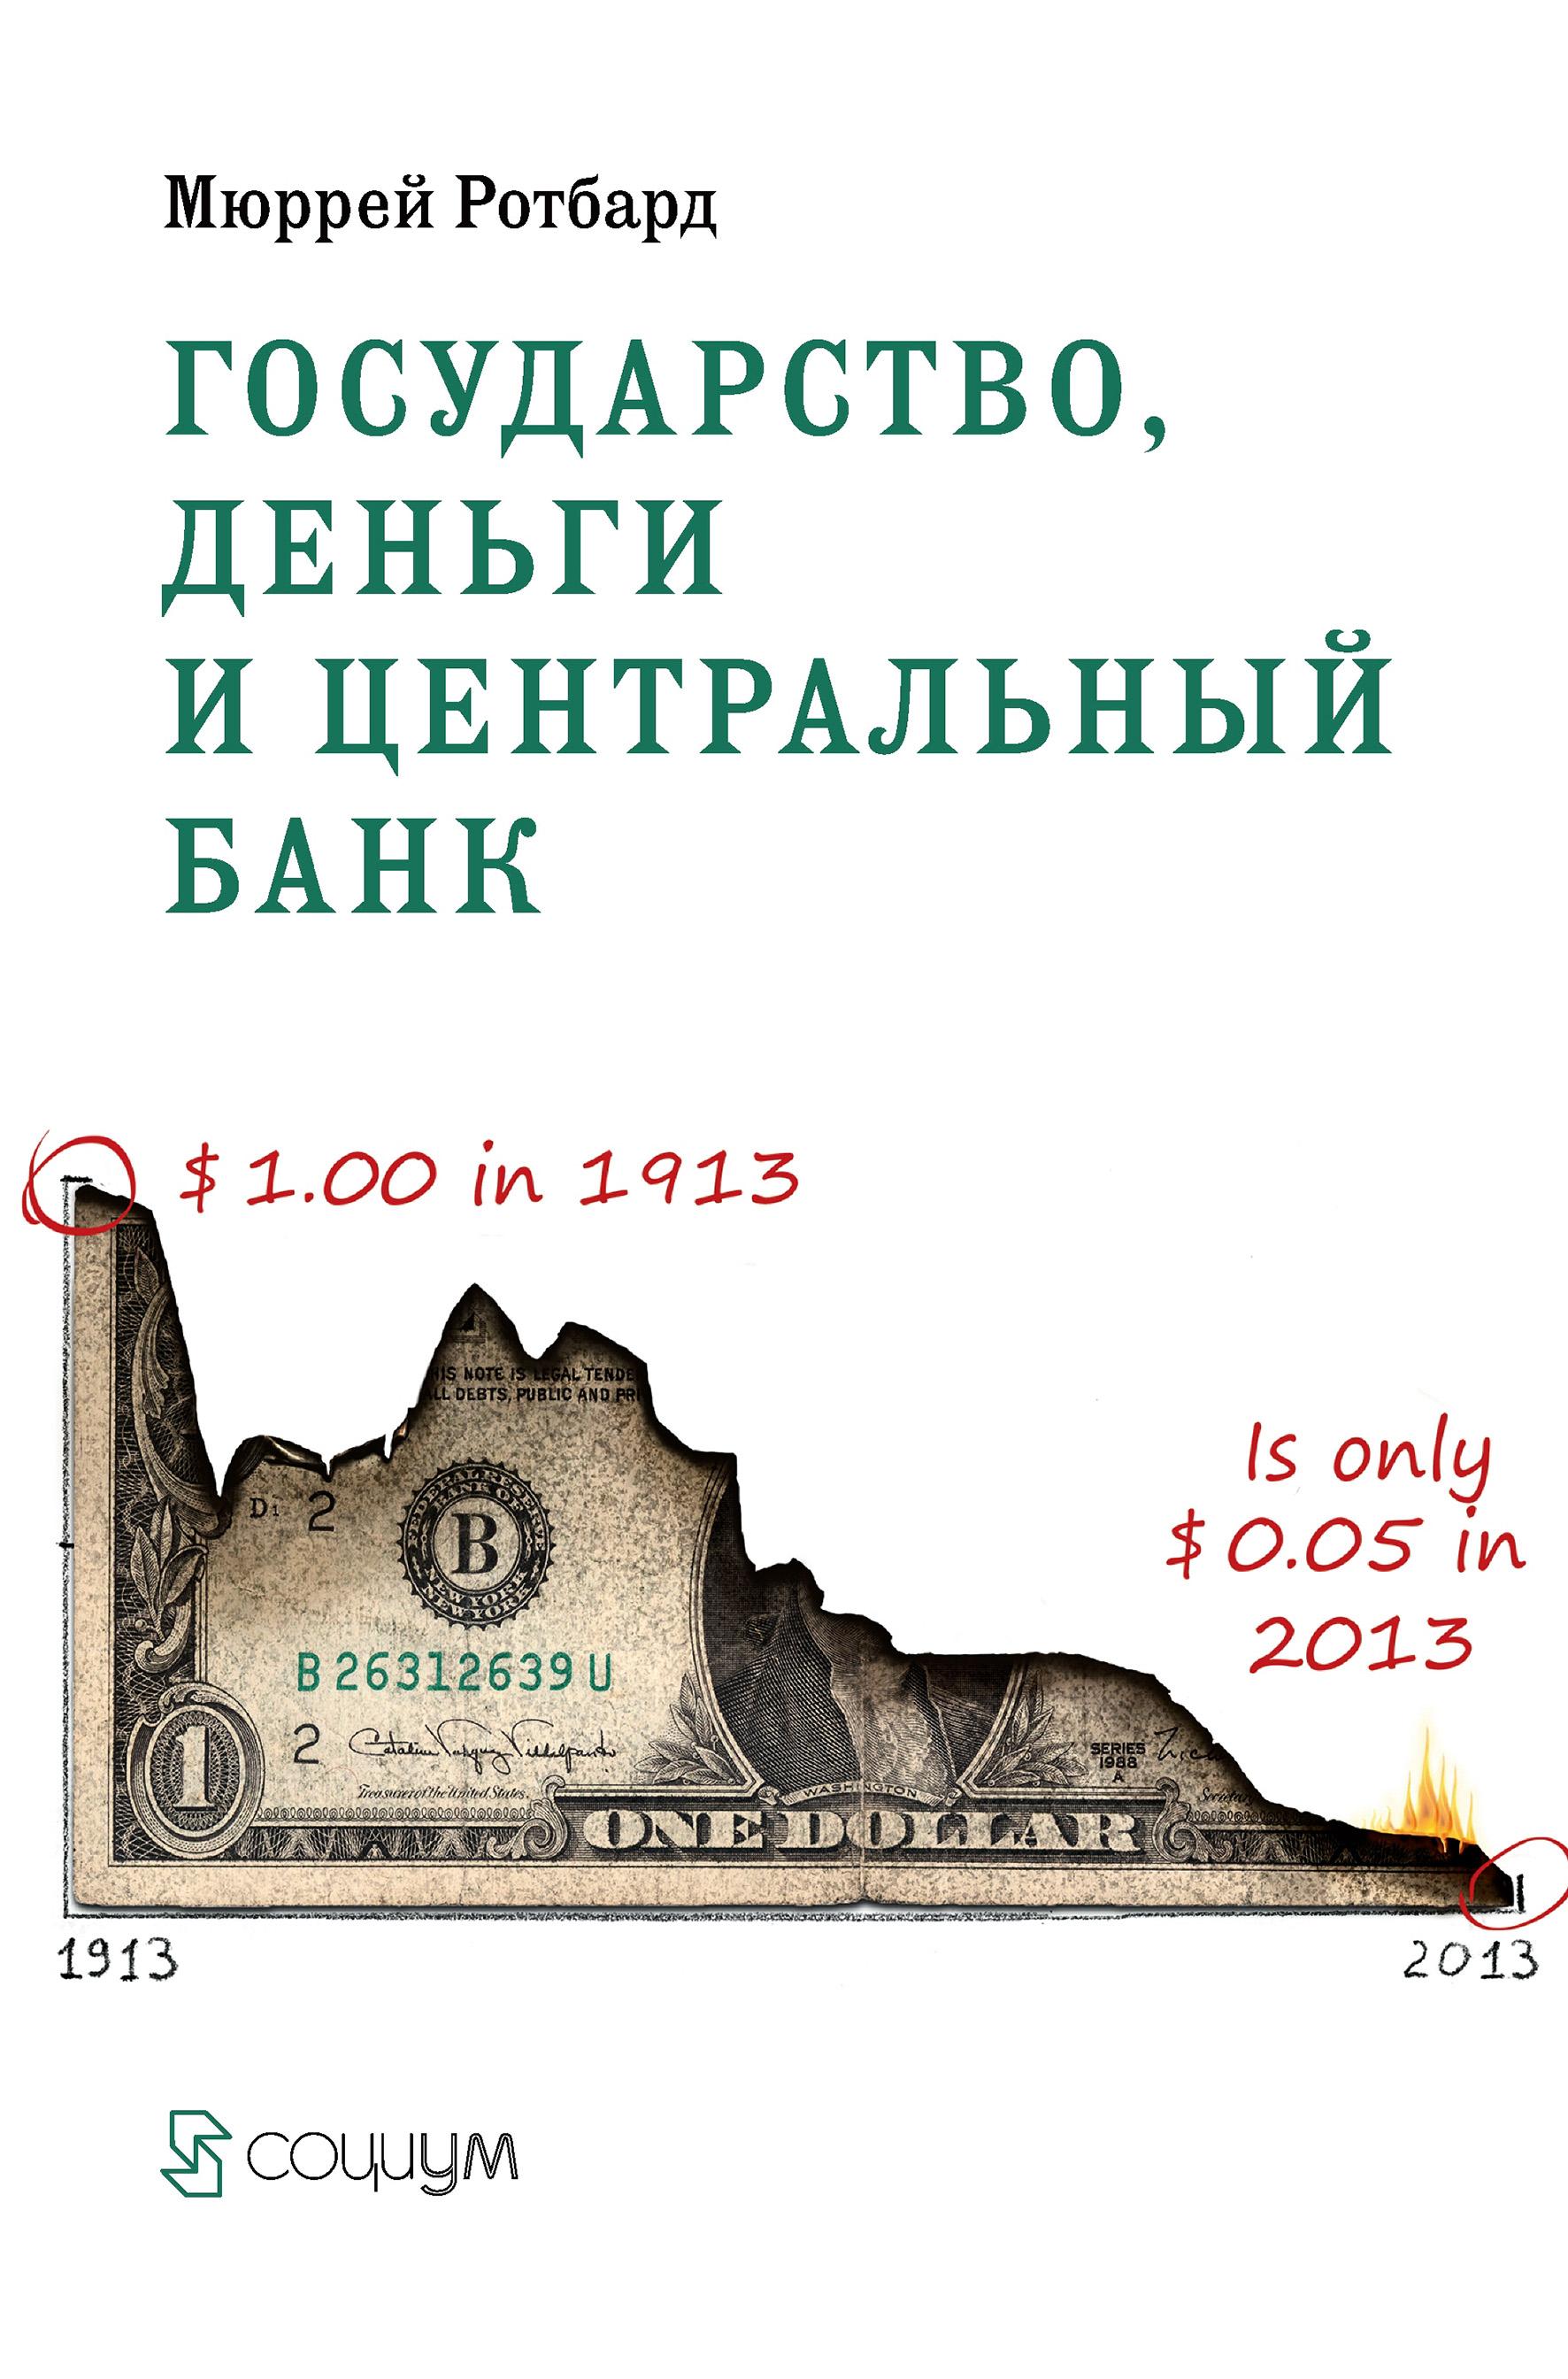 пауэр банк